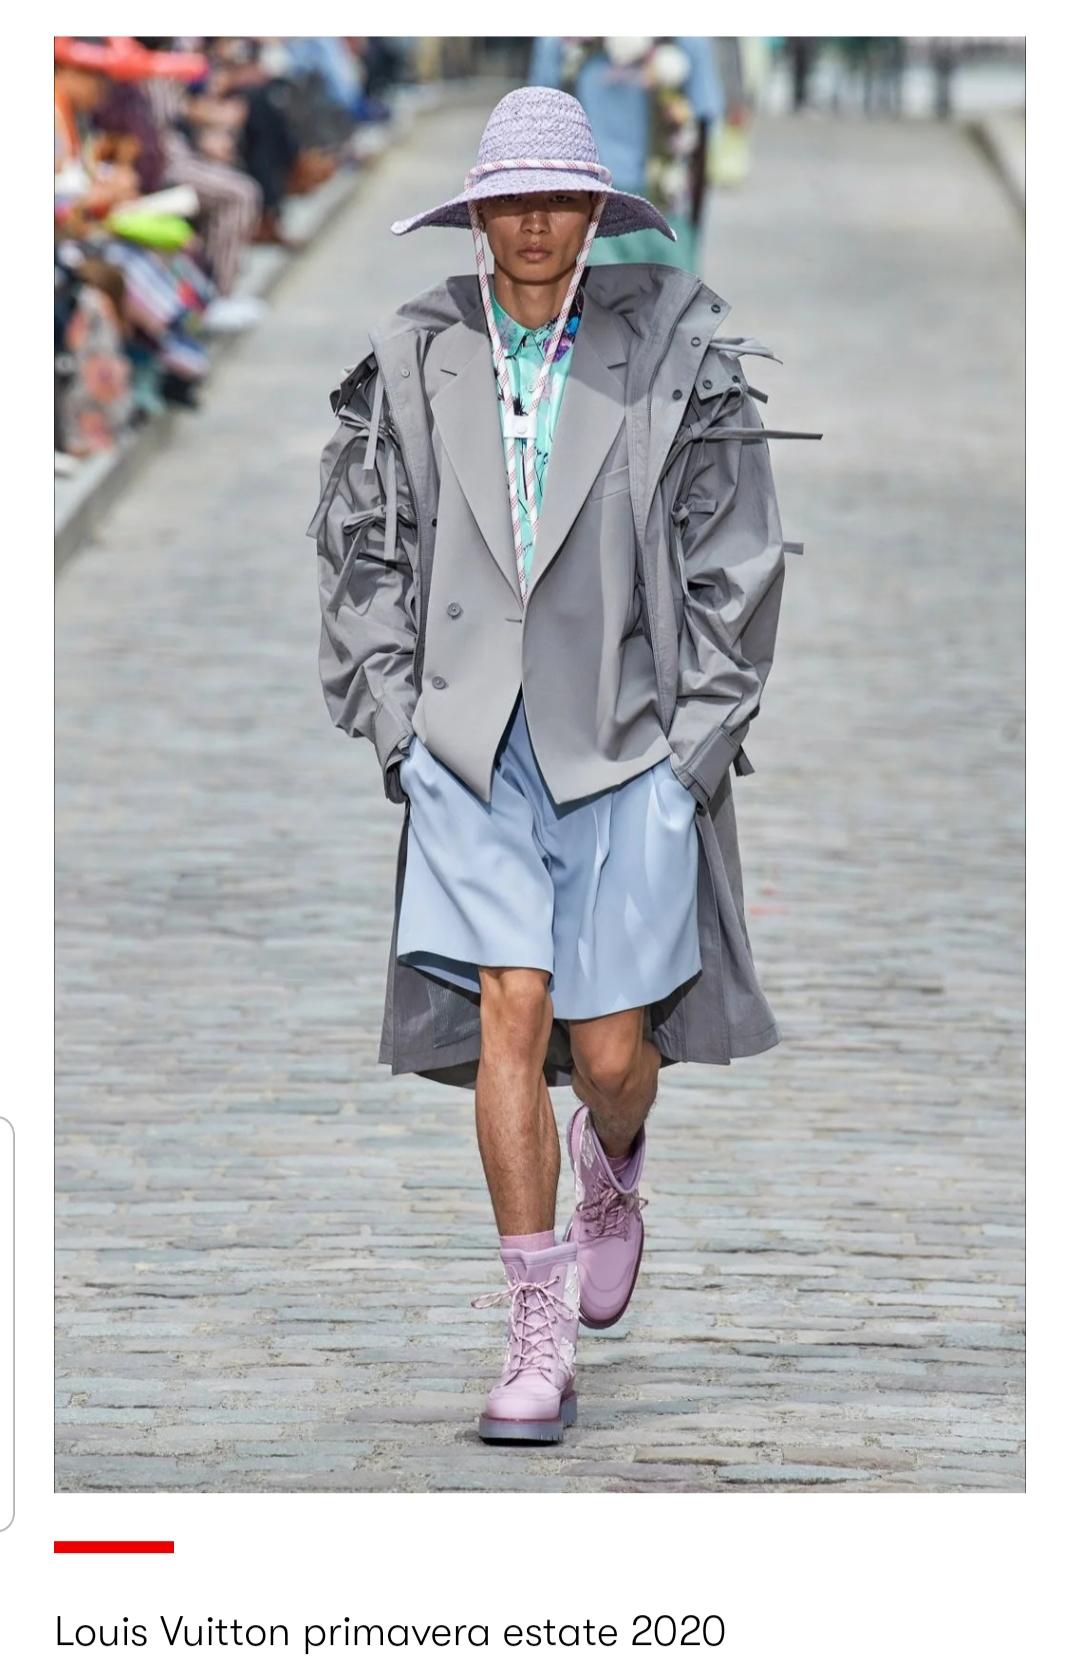 Scopriamo insieme i trend della moda maschile per questa primavera/estate